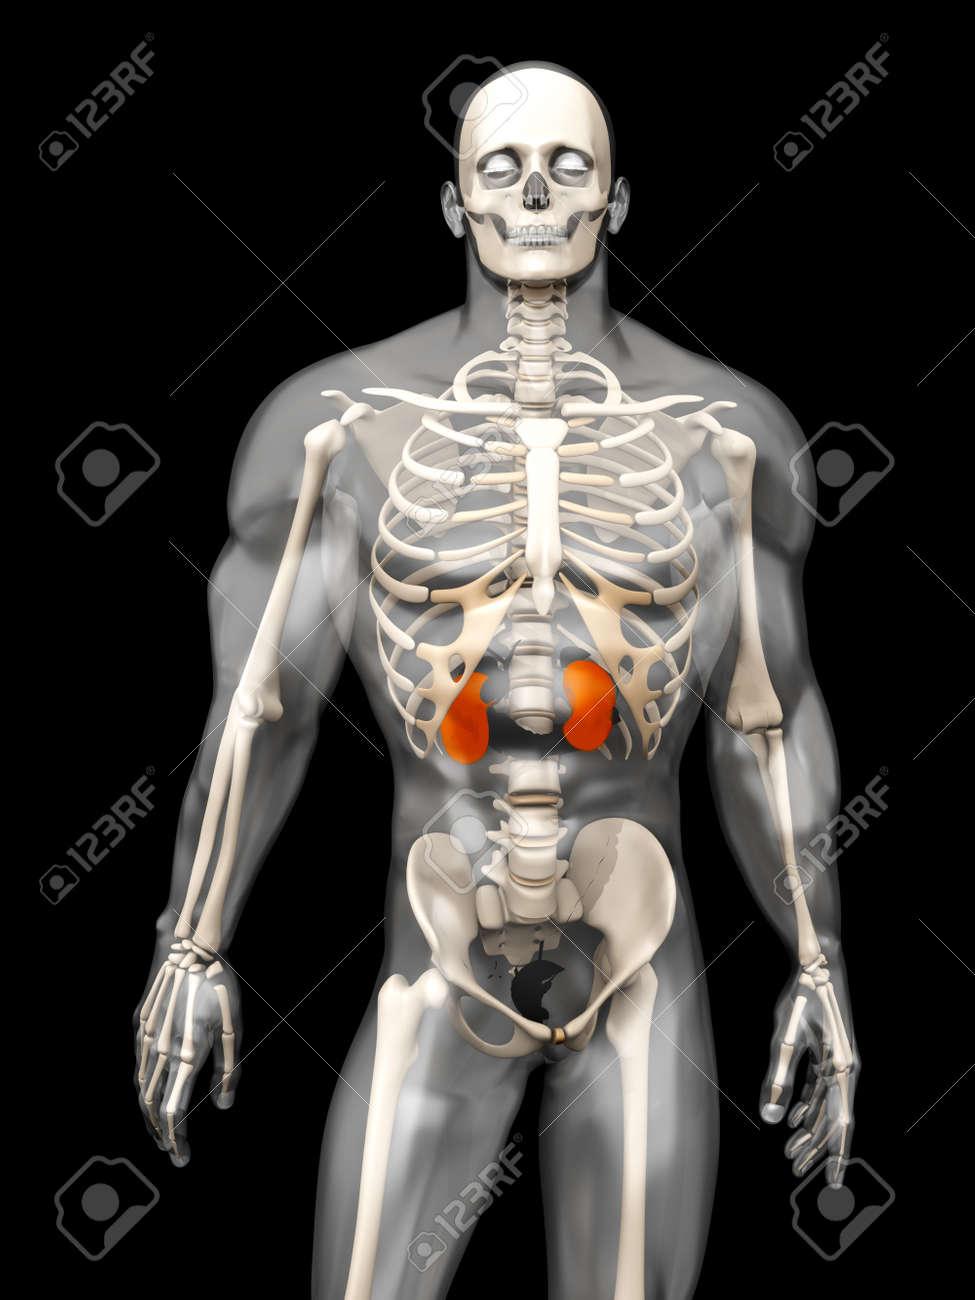 3D-Visualisierung Der Menschlichen Anatomie. Die Nieren In Einem ...